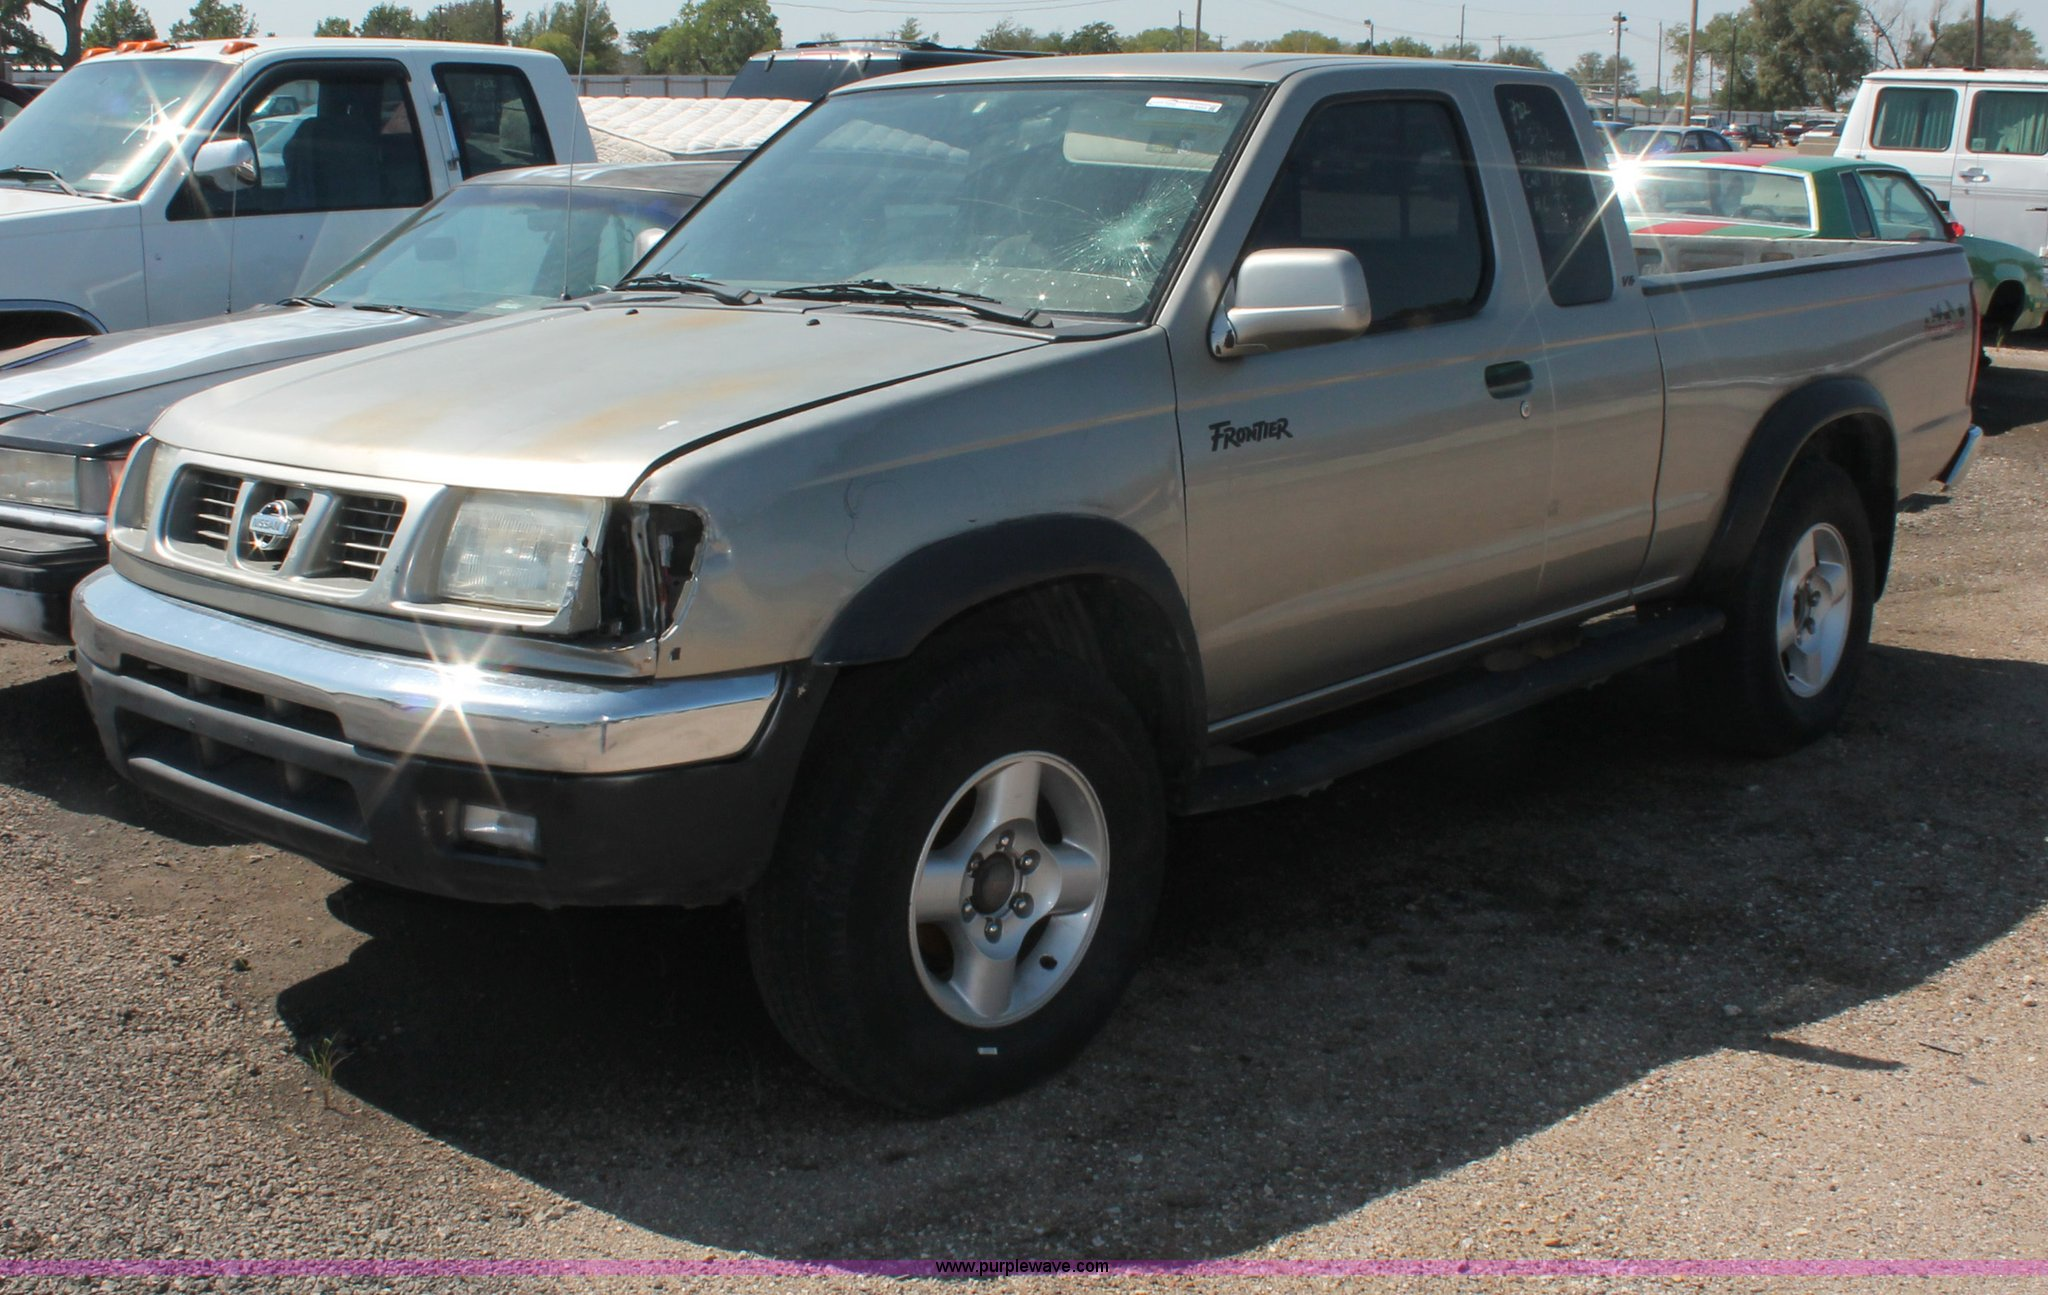 2000 Nissan Frontier SE Desert Runner King Cab pickup truck